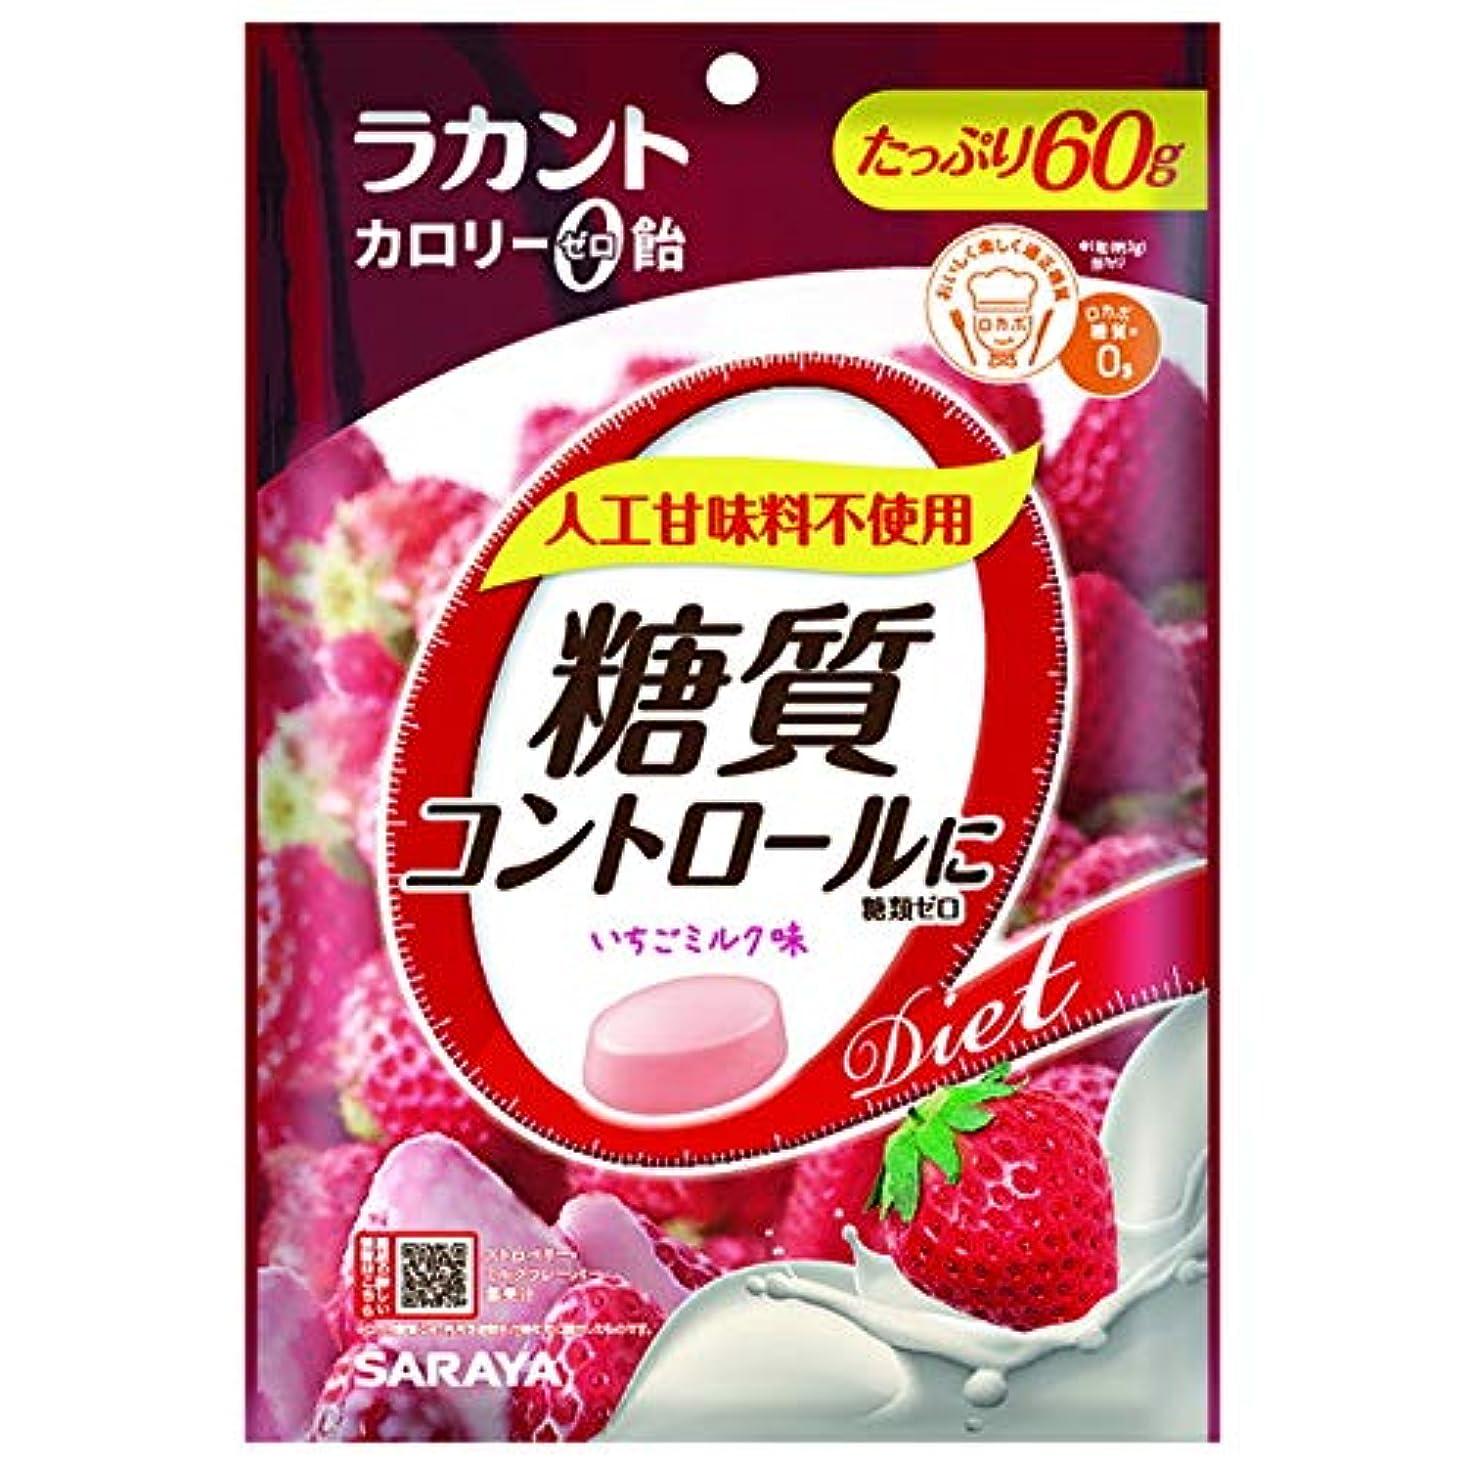 分析的スカーフ言い直すラカント カロリーゼロ飴 いちごミルク 60g【3個セット】